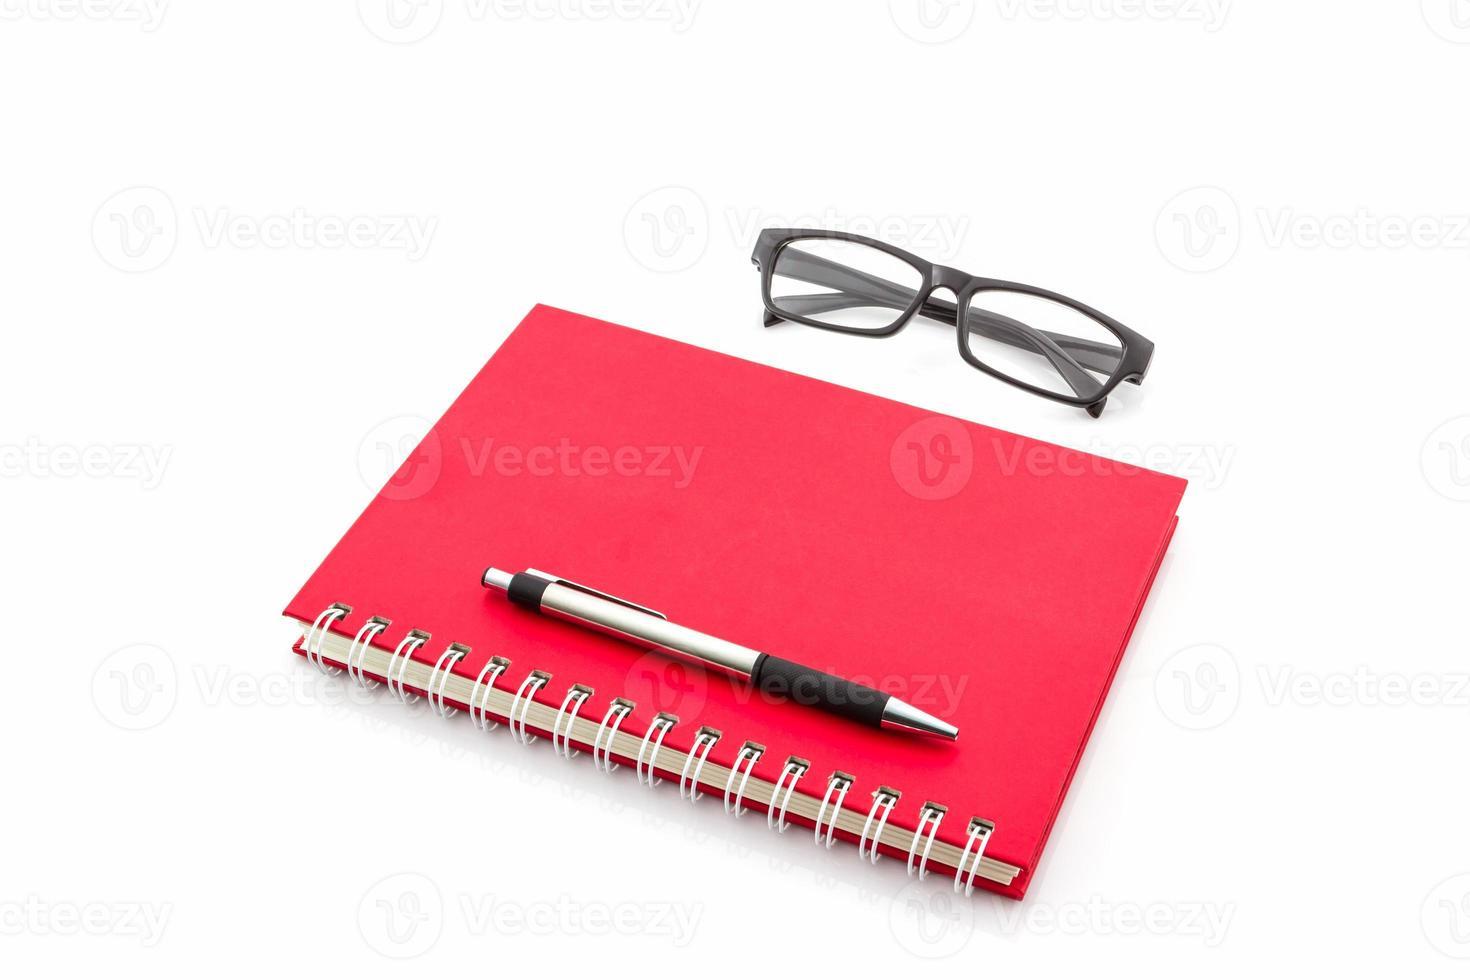 röd dagbok med gamla glasögon och penna. foto